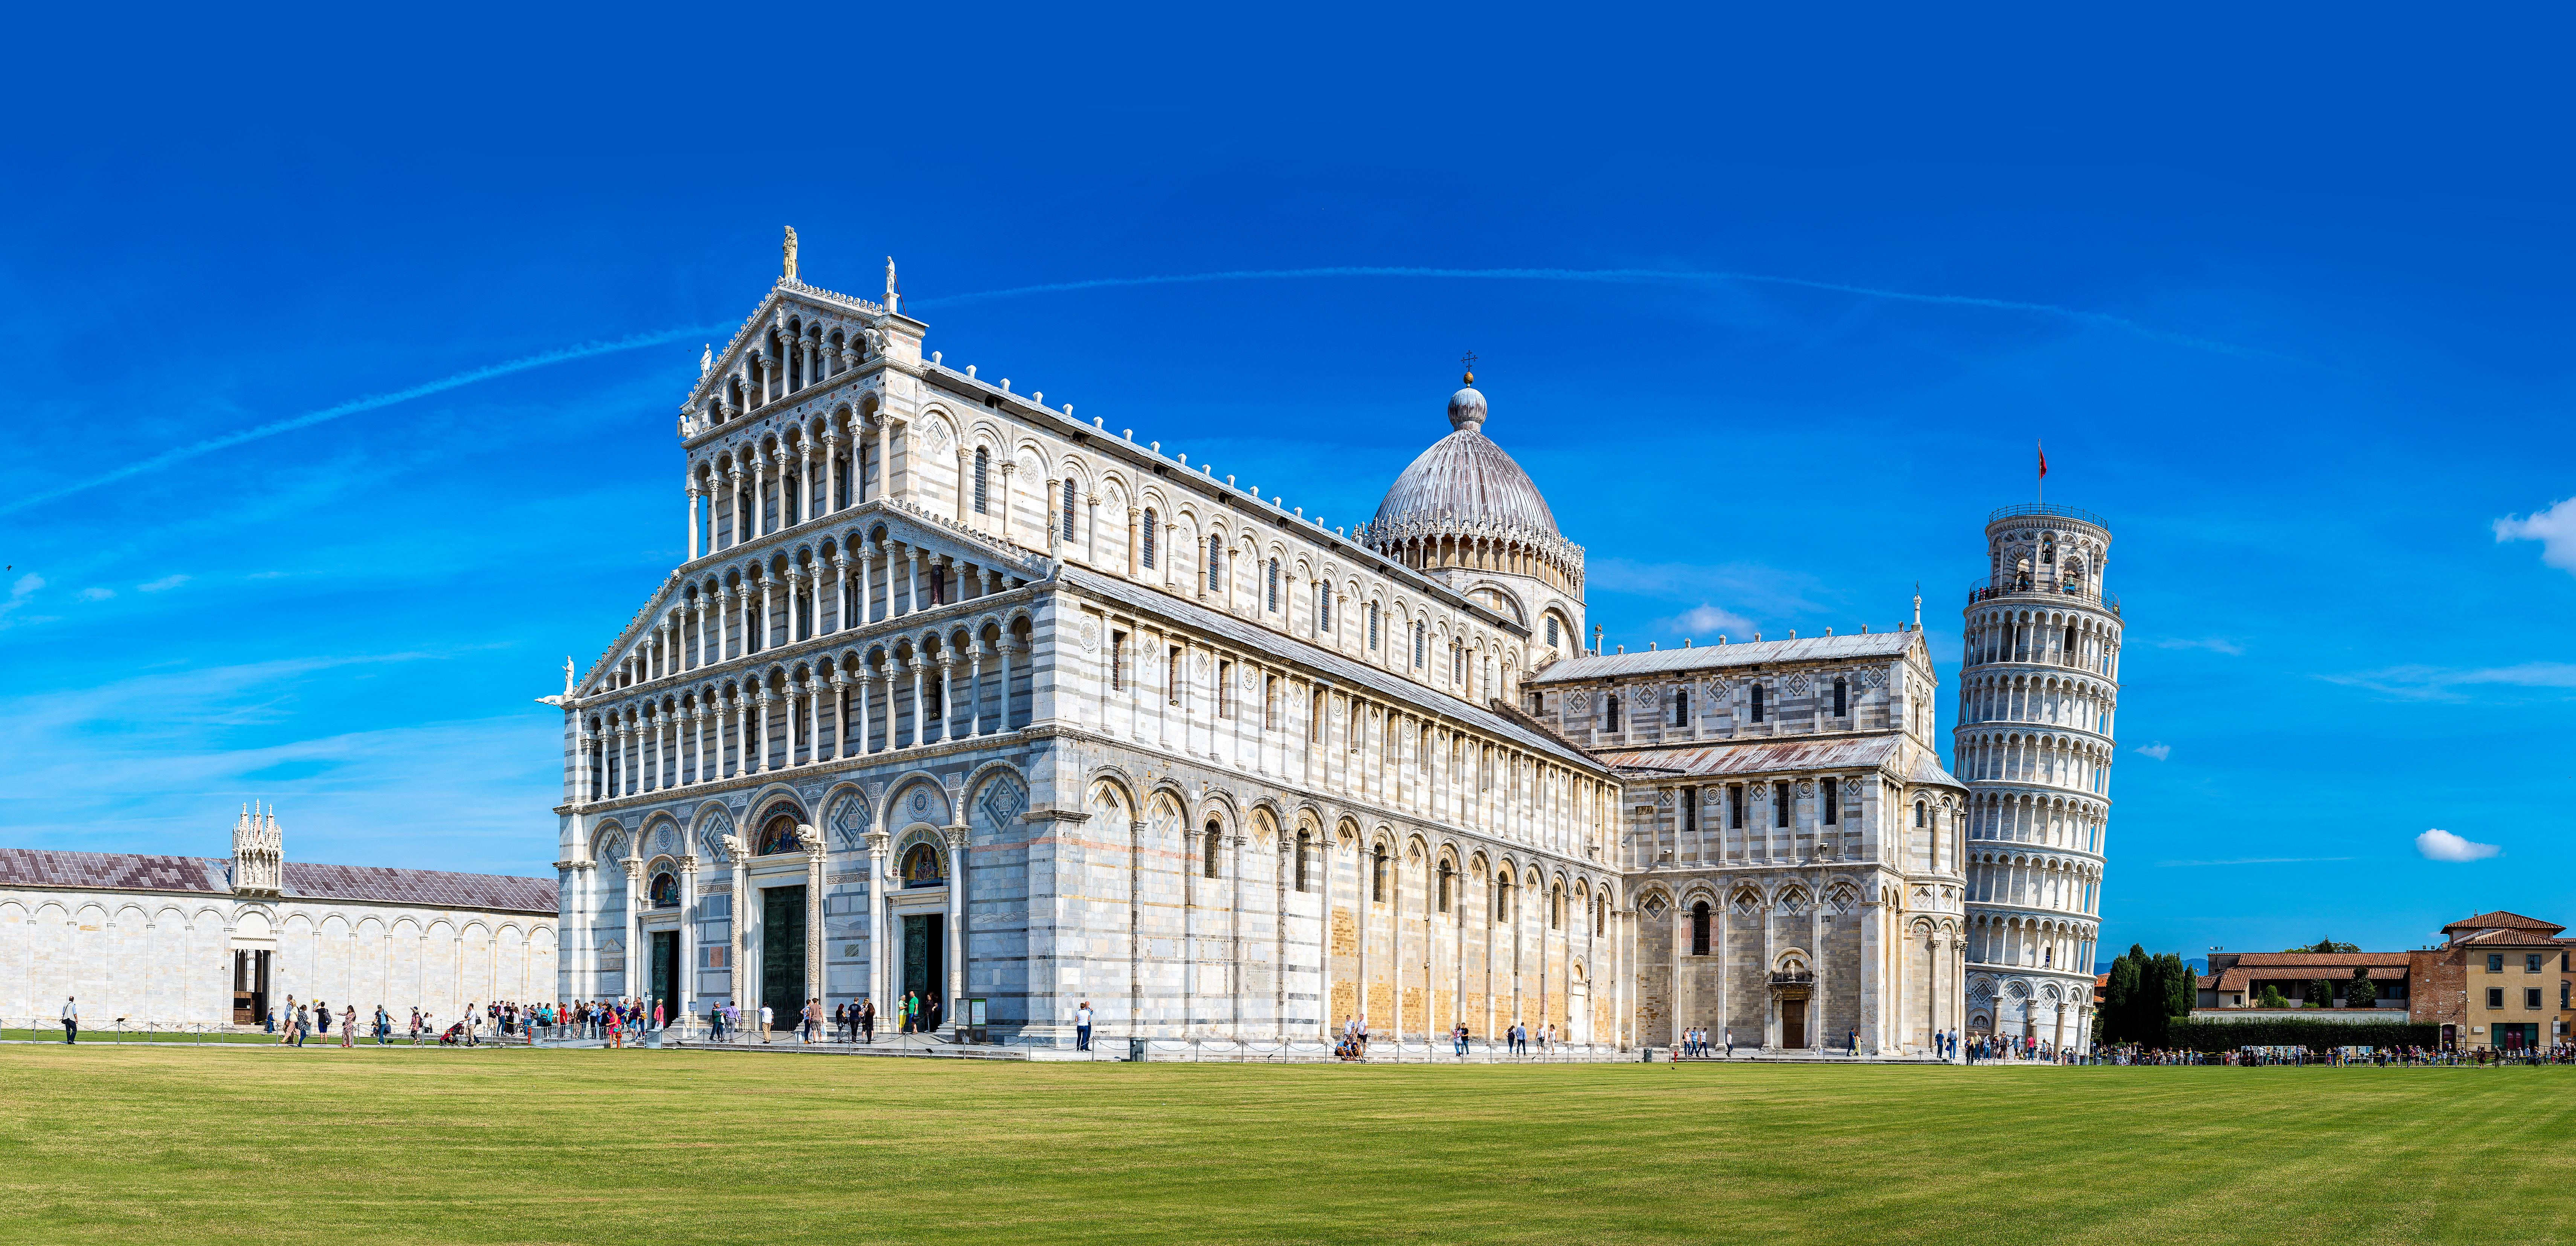 Když se řekne Pisa, každý si hned vybaví Šikmou věž. Málokdo už ví, že stojí na náměstí Zázraků